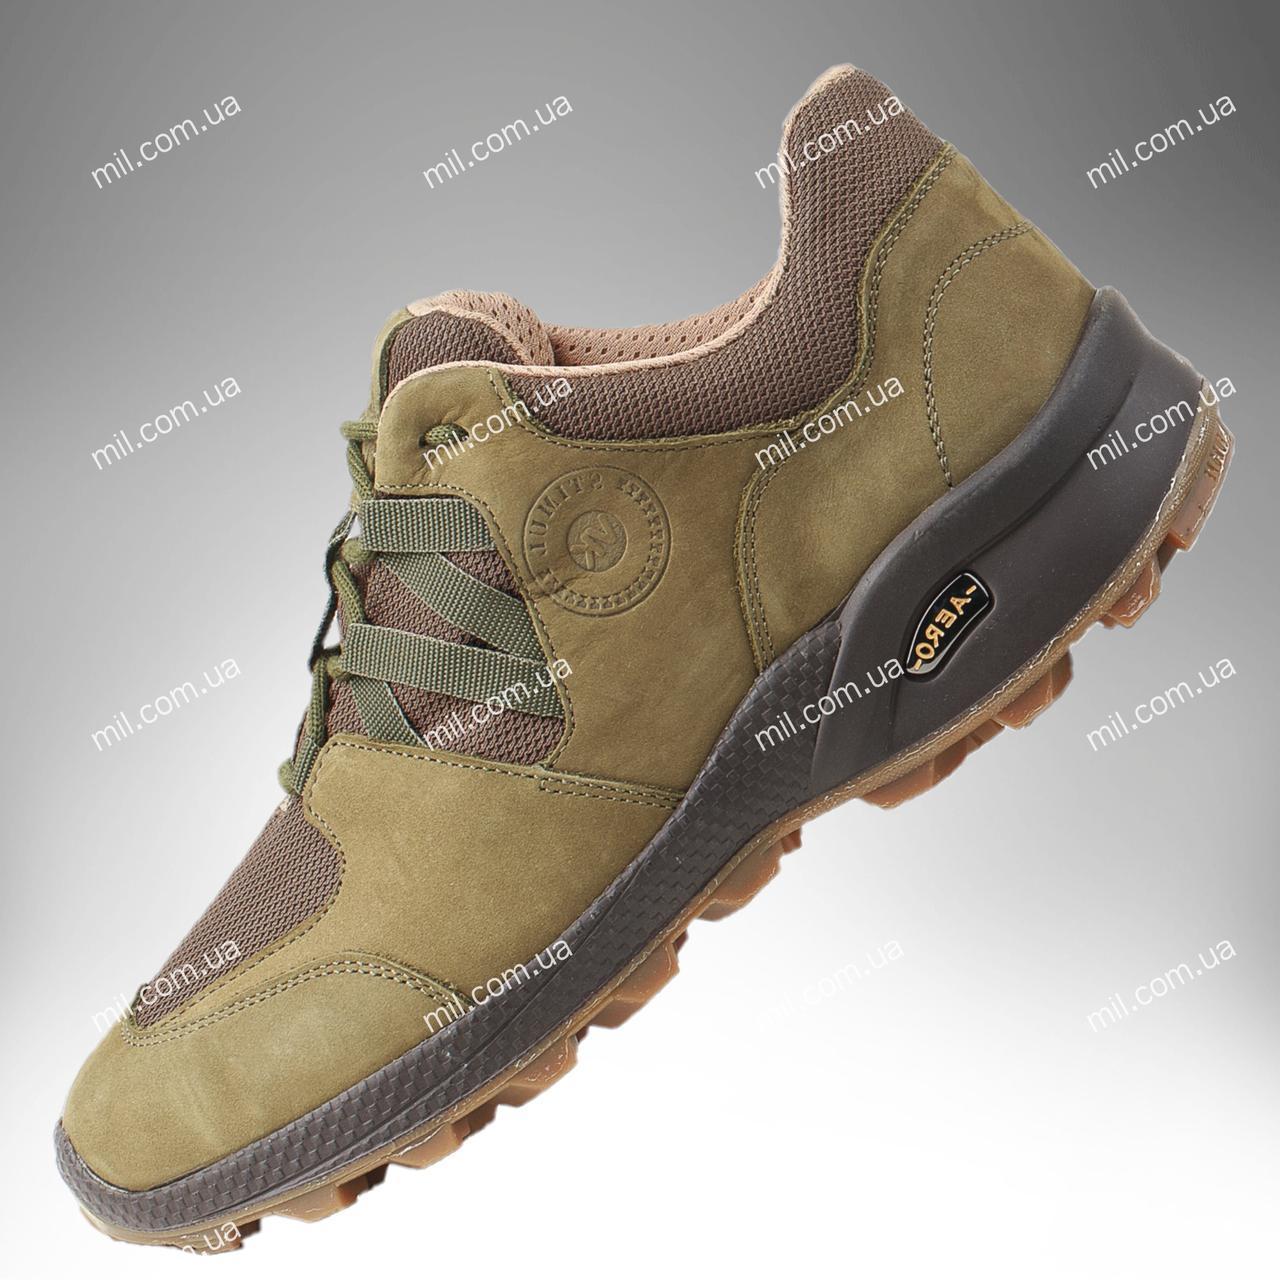 ⭐⭐Демисезонные военные кроссовки / тактическая, трекинговая обувь PEGASUS (olive) | военные кроссовки,